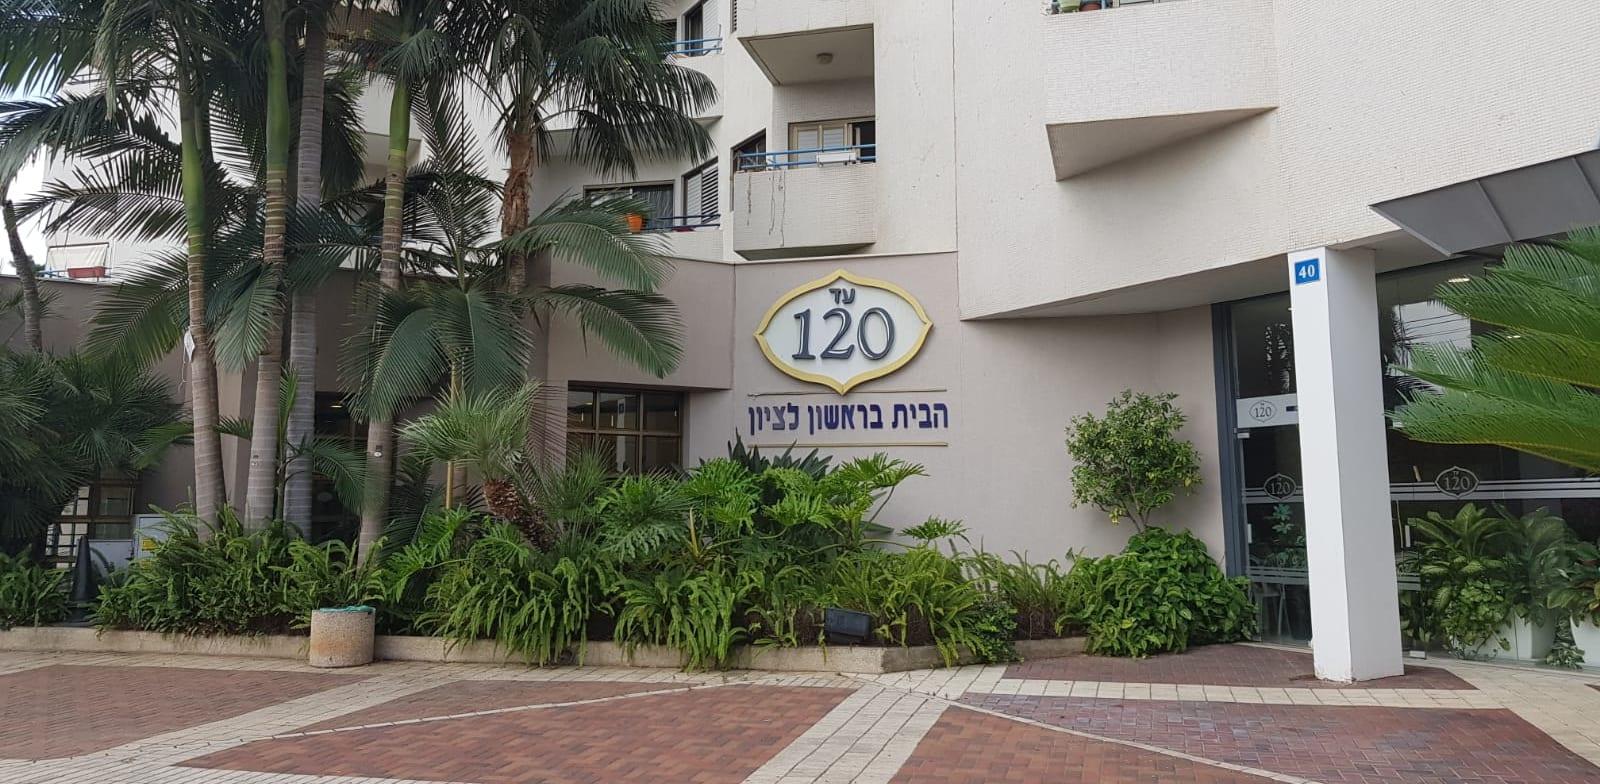 """בניין דיור מוגן של רשת """"עד 120"""" בראשון לציון / צילום: דוברות ההסתדרות"""